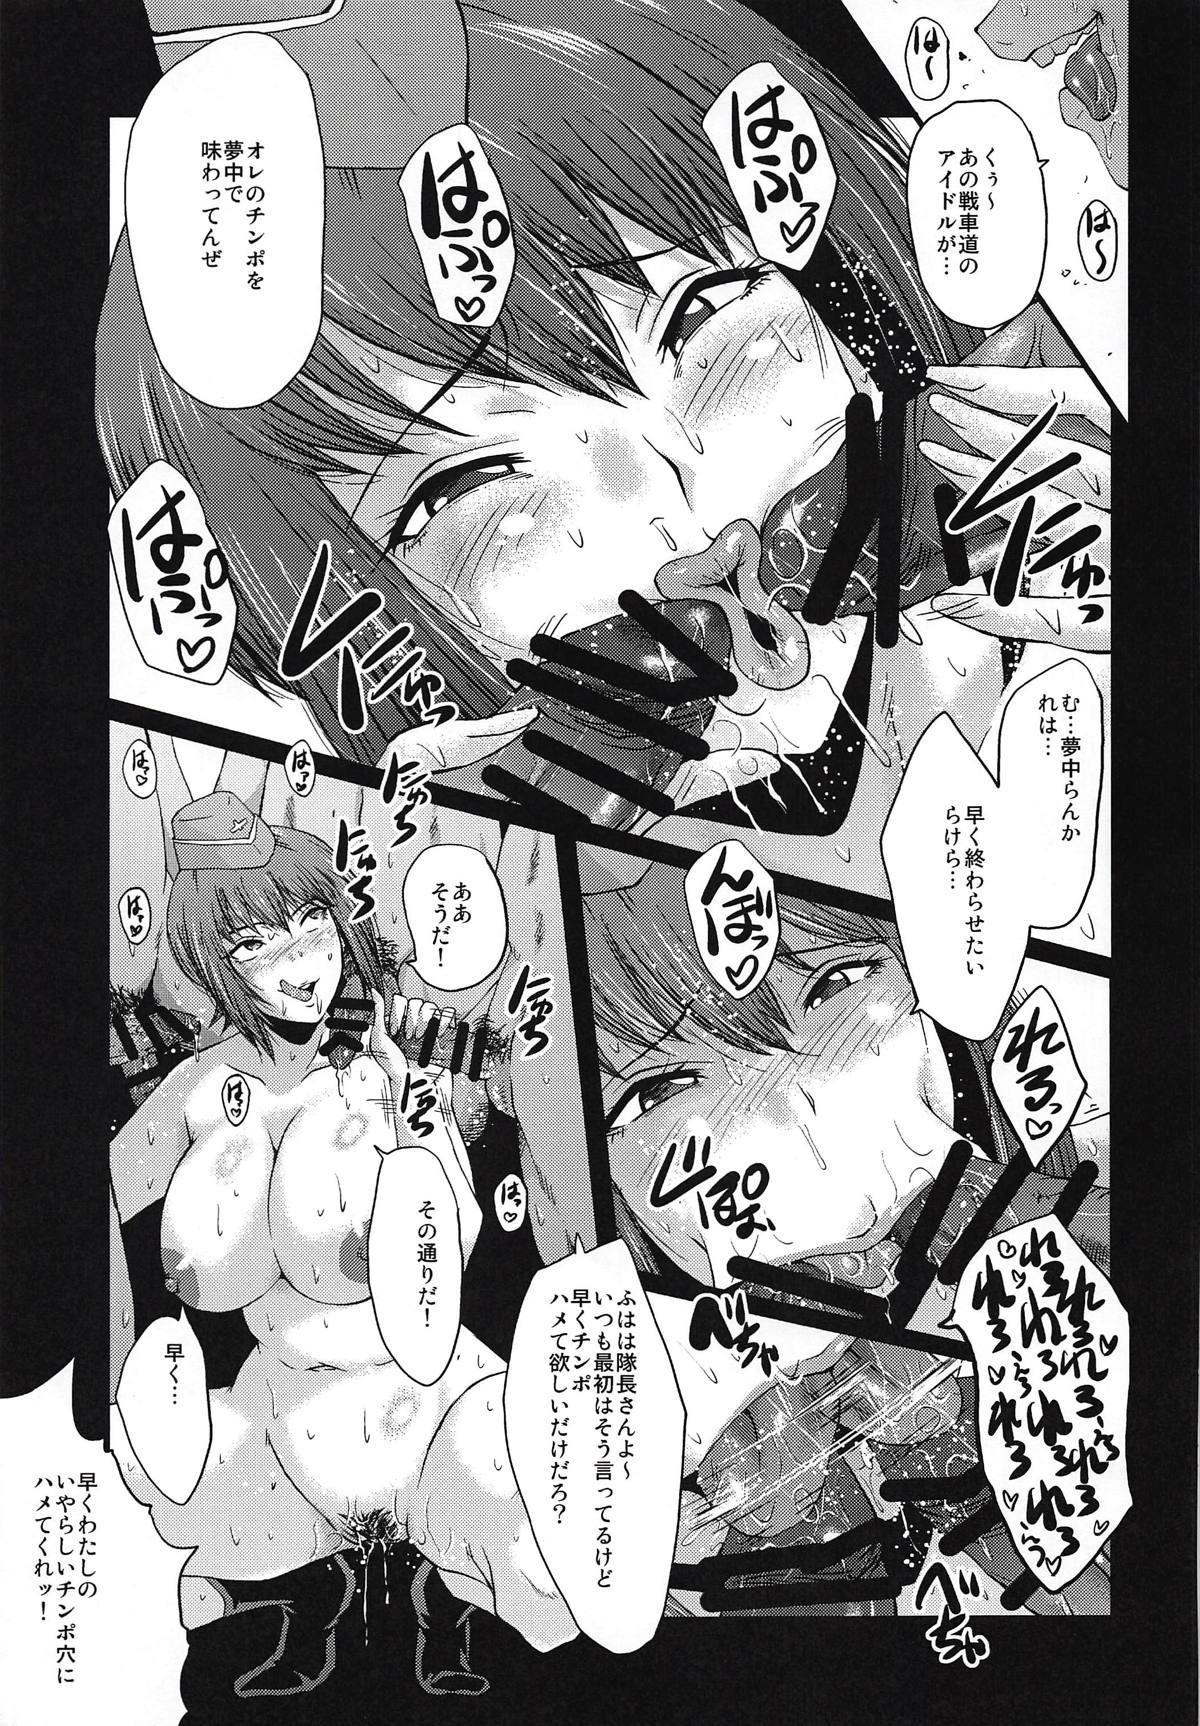 Urabambi Vol. 57 Taihai no Koutetsu Fujin 7